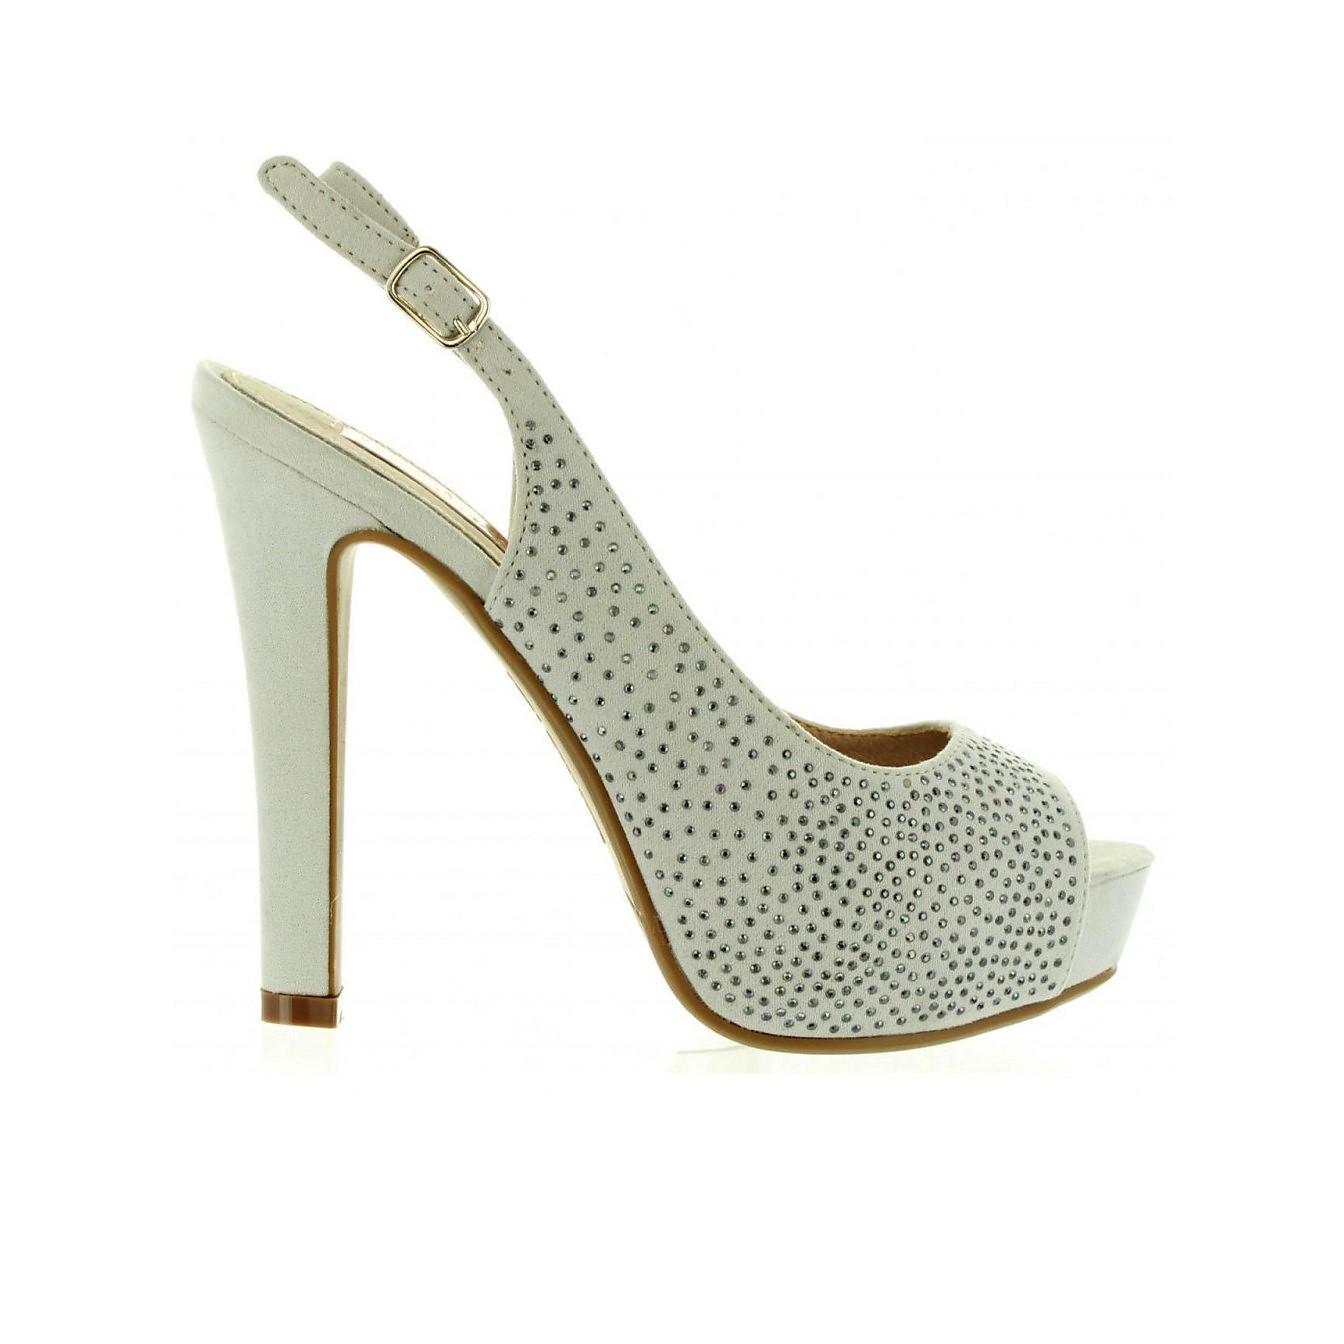 c9821994c947 Dámske vysoké sandále XTI crystal G190 silver -